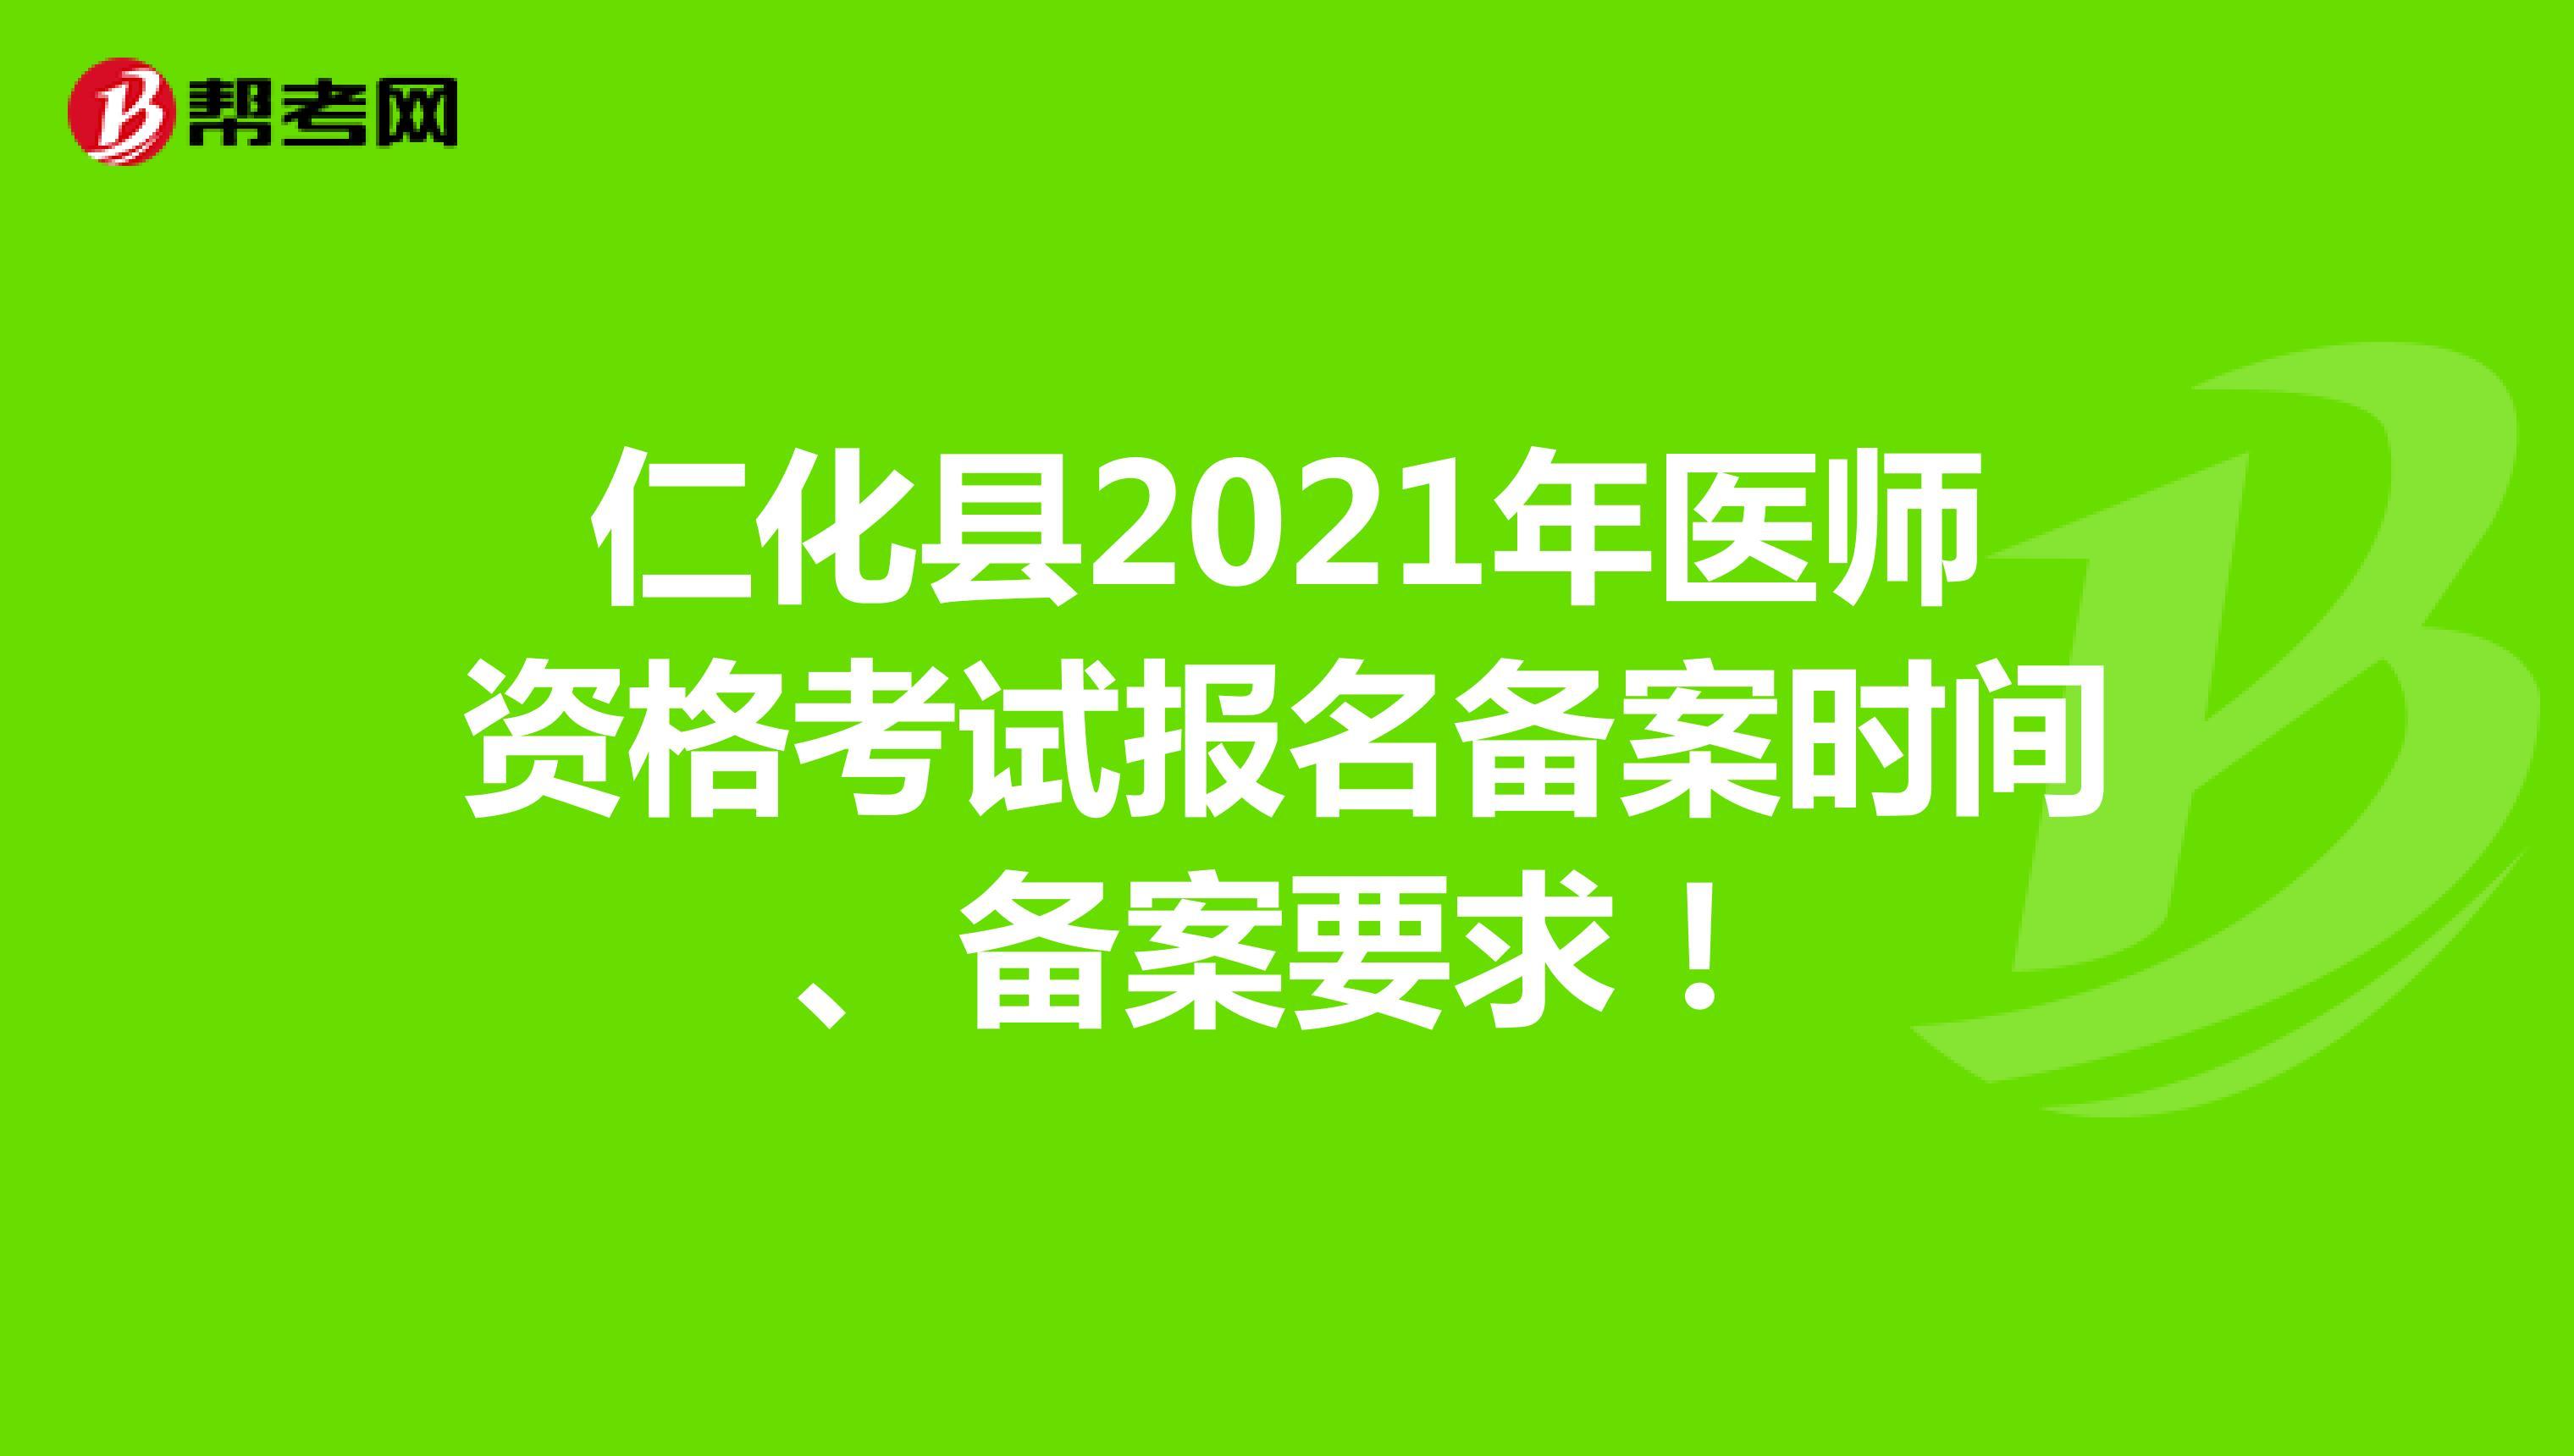 仁化县2021年医师资格考试报名备案时间、备案要求!